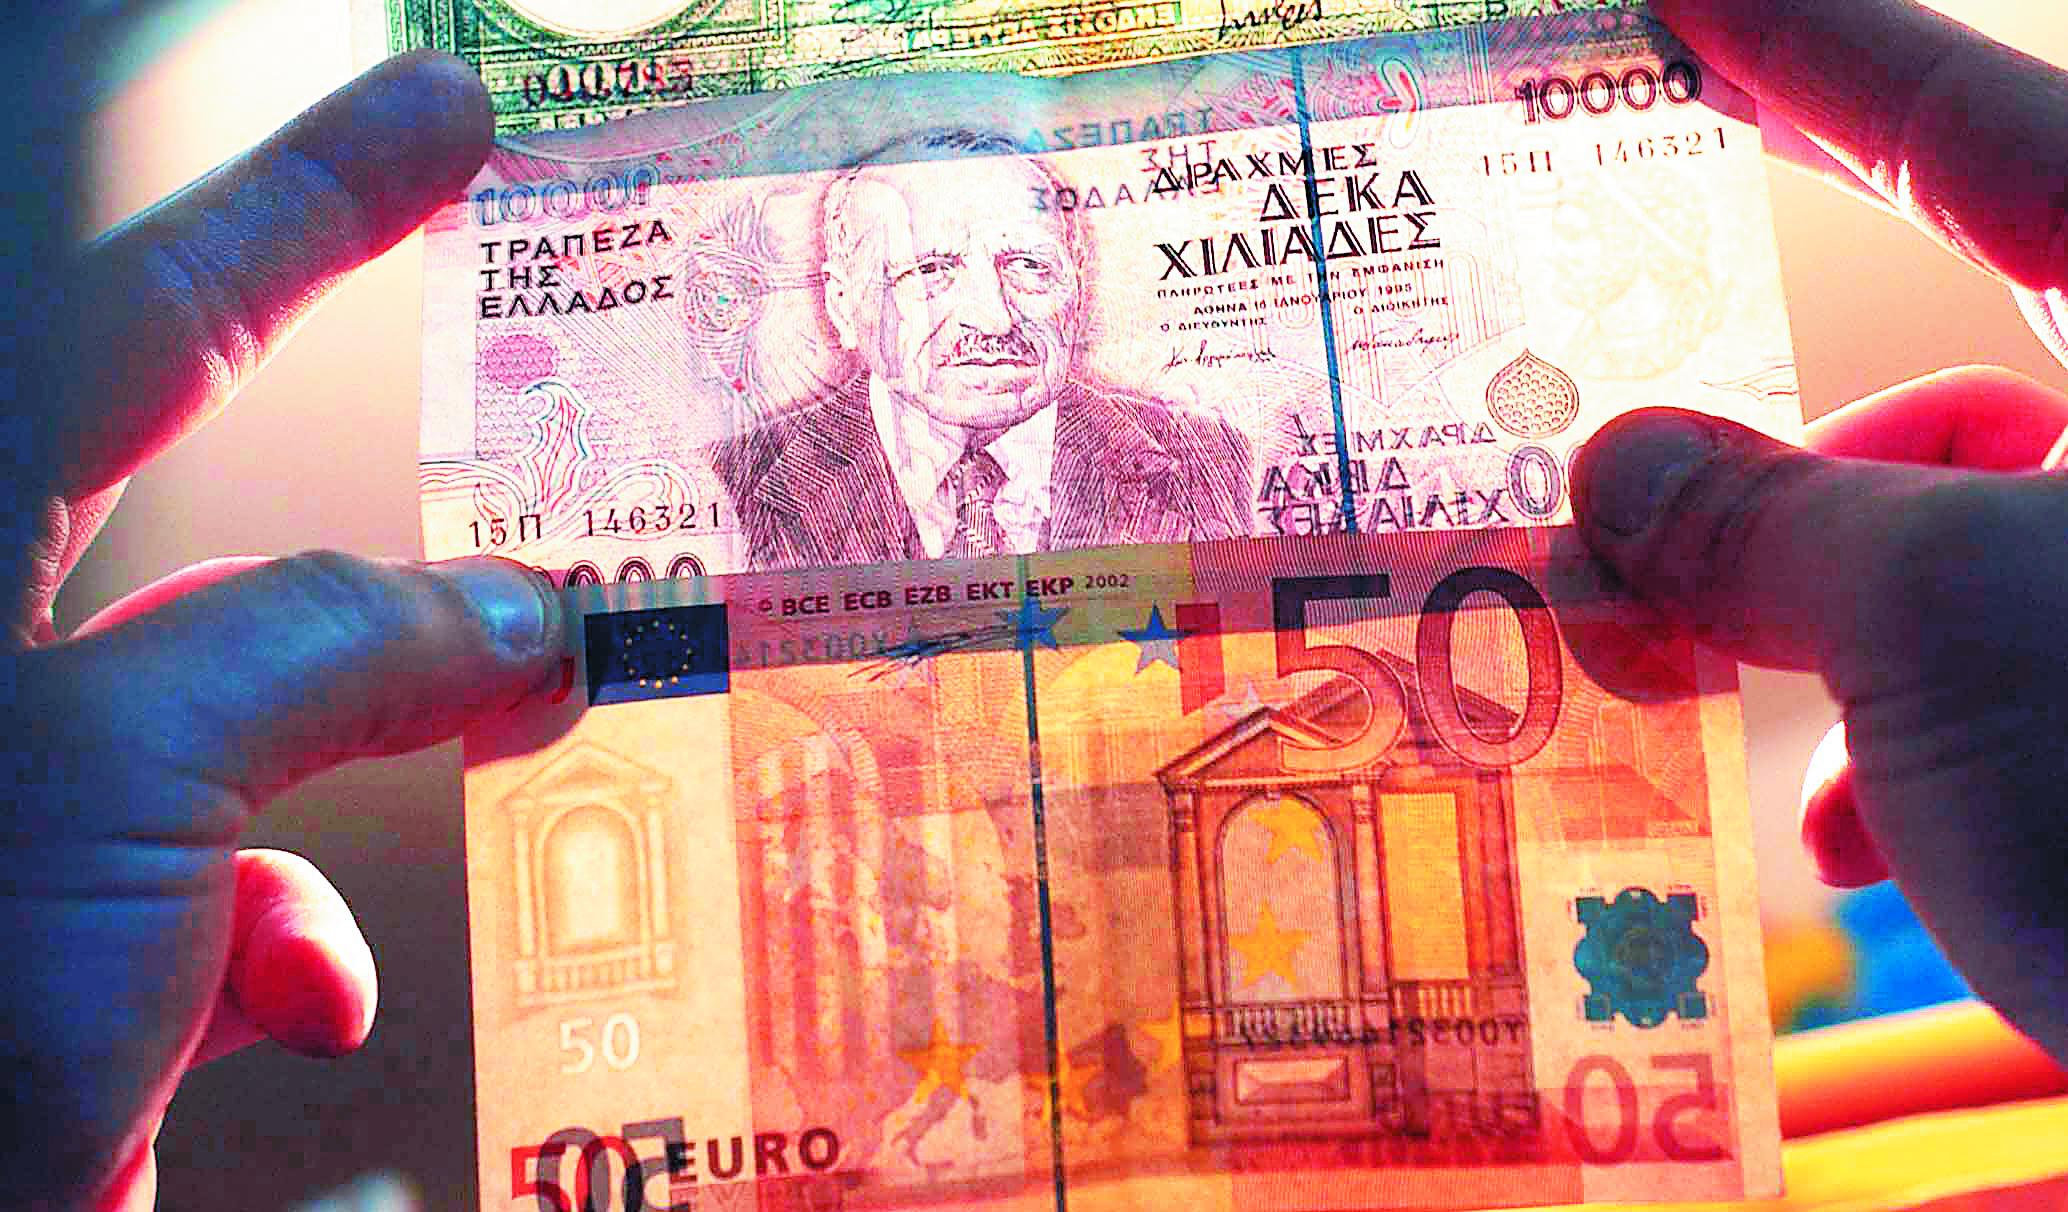 Μυστικά και ψέματα για τη δραχμή και το ευρώ | tovima.gr